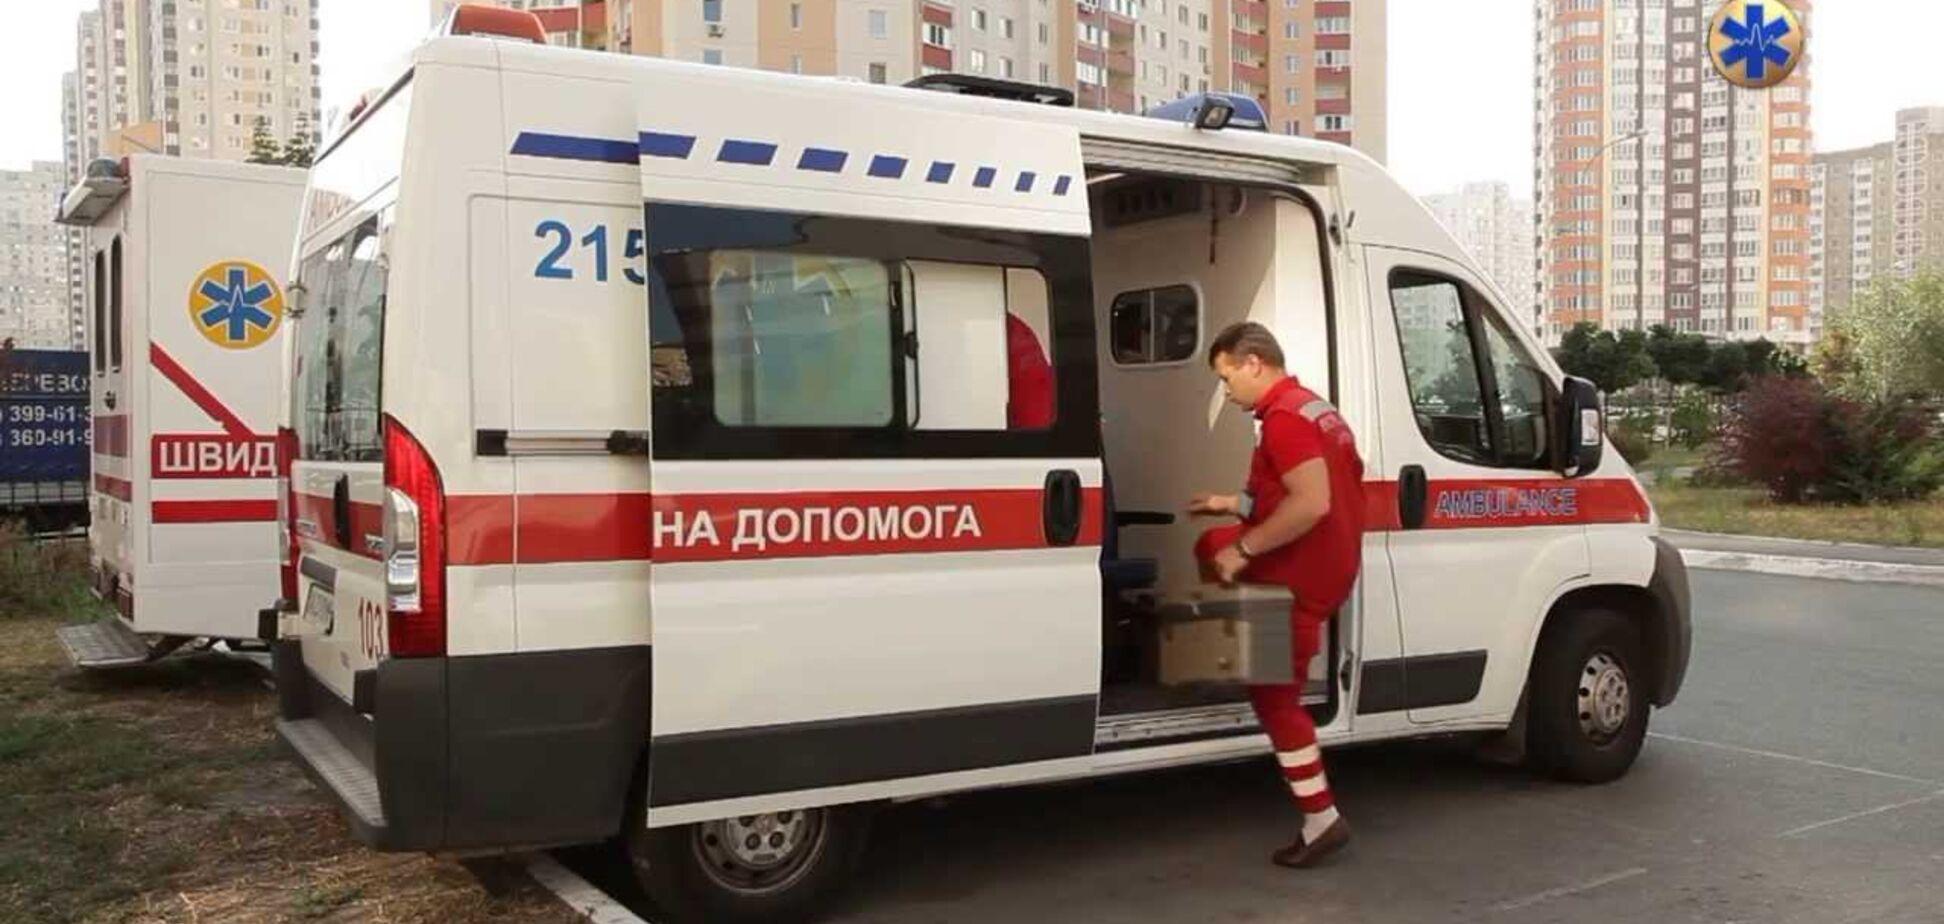 'Загрозлива ситуація': озвучена колосальна проблема служби швидкої допомоги